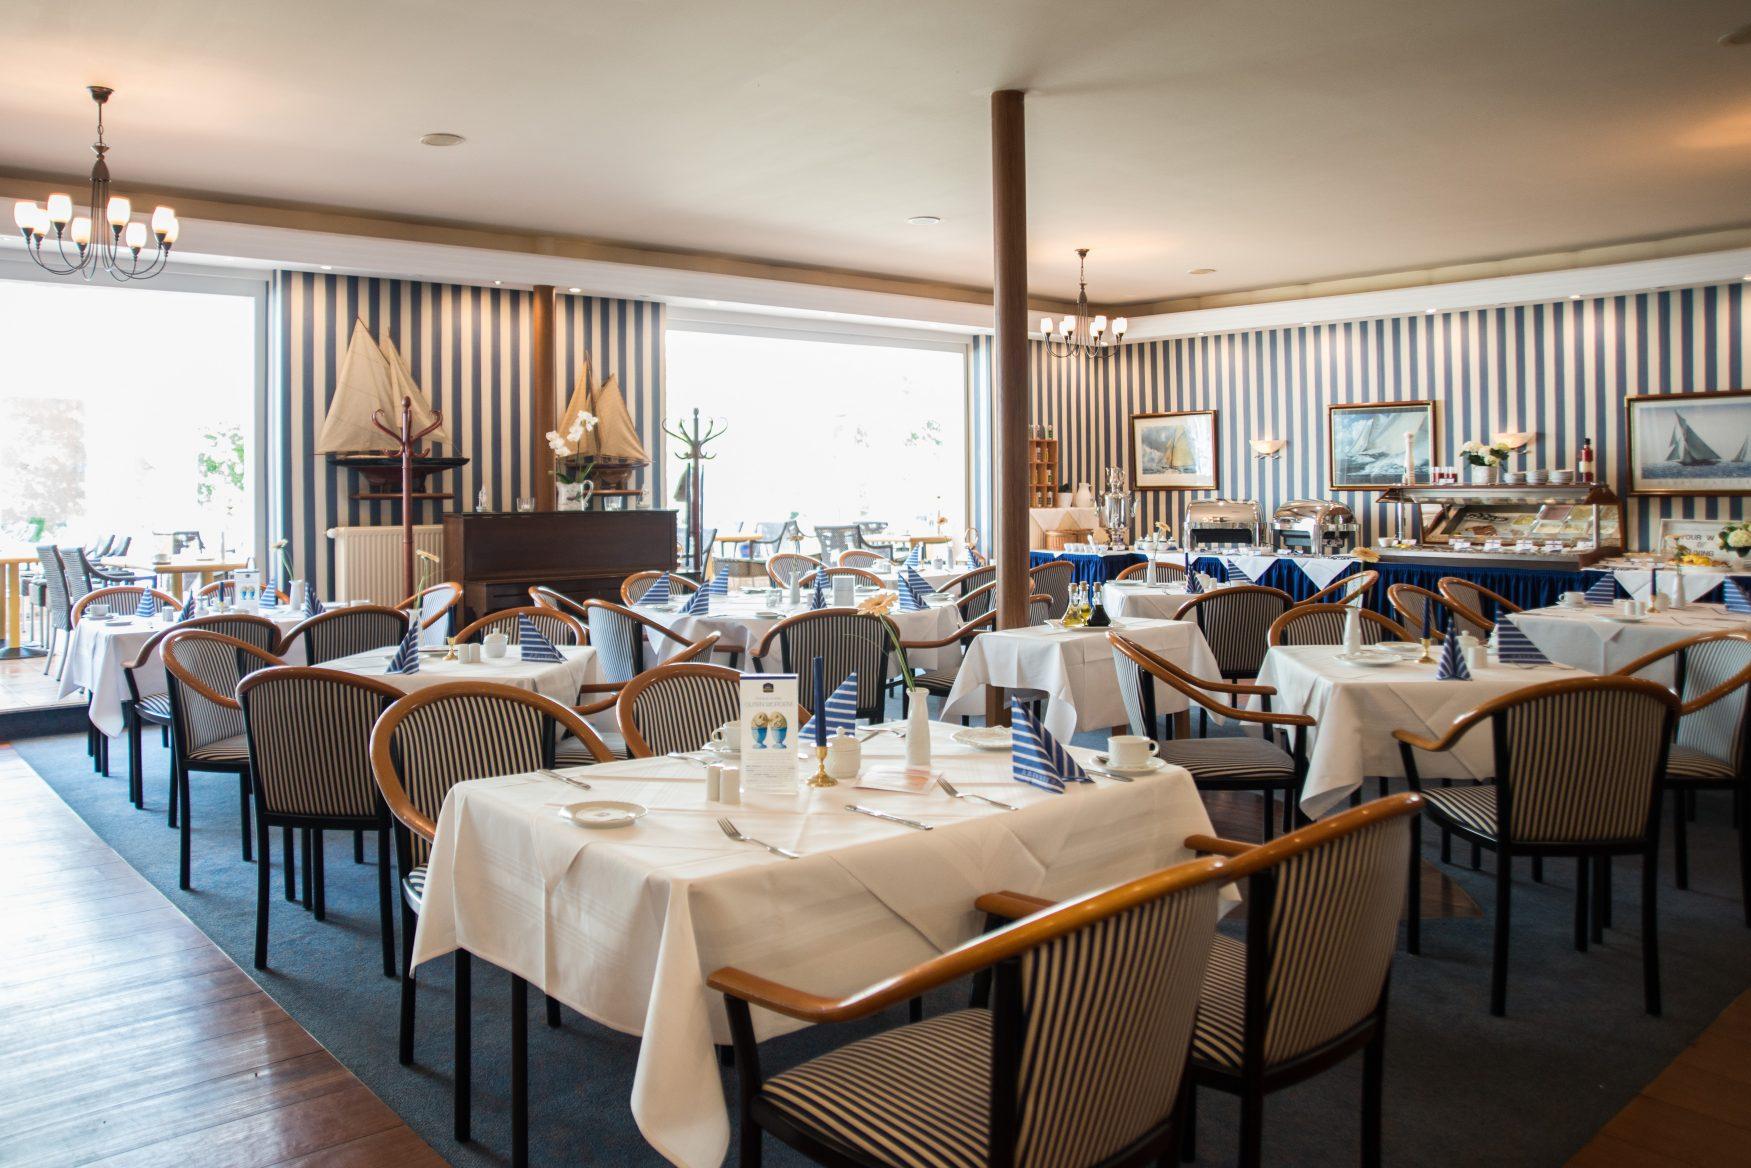 Blick in das Restaurant im Bootshaus Foto: Best Western Seehotel Frankenhorst